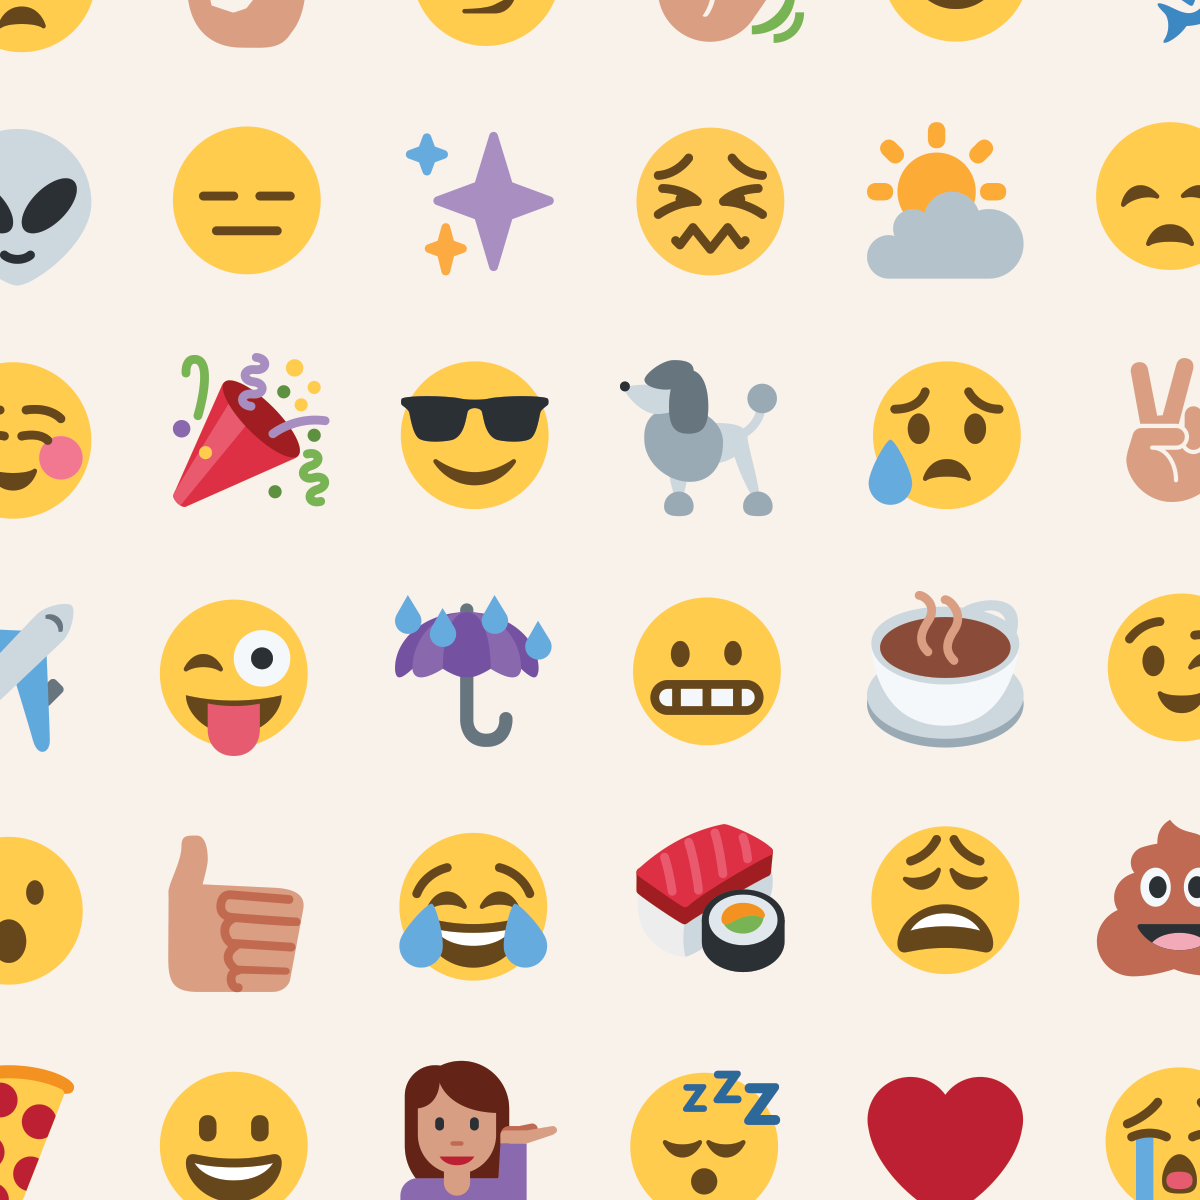 72 emoji